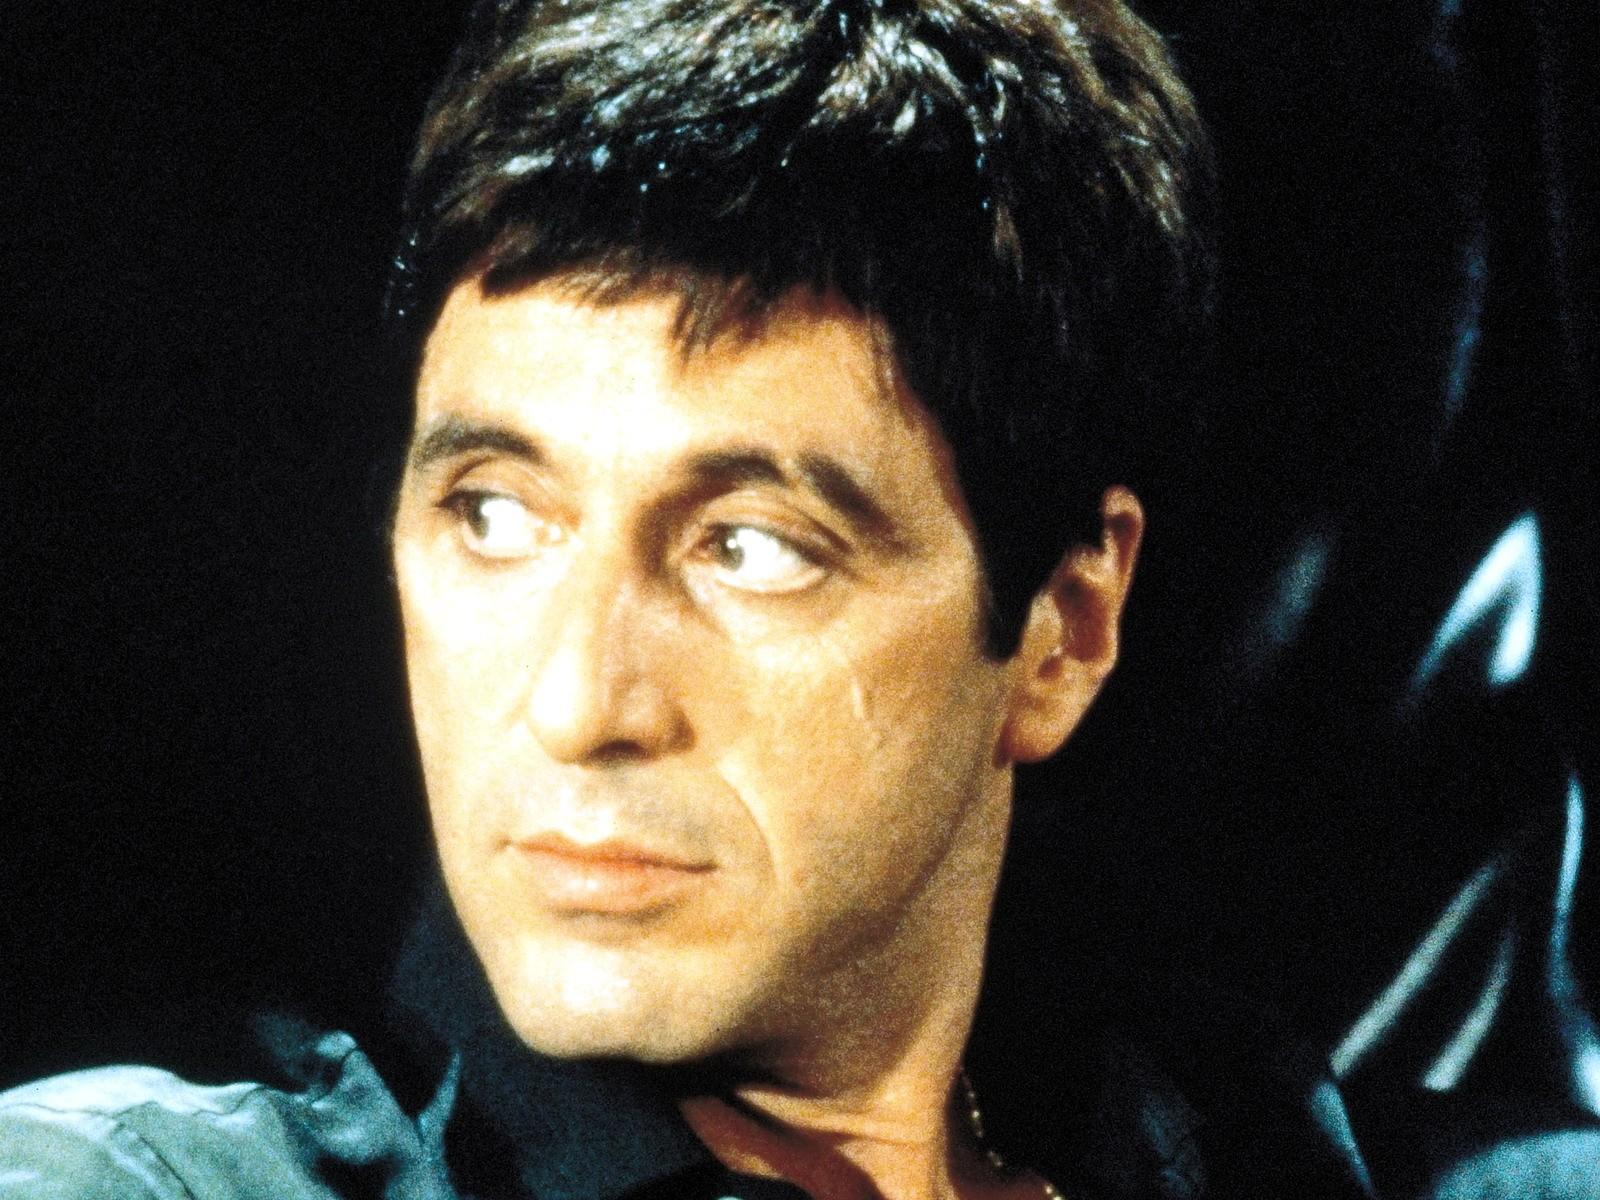 Free Download Filmovzia Al Pacino Wallpaper 1600x1200